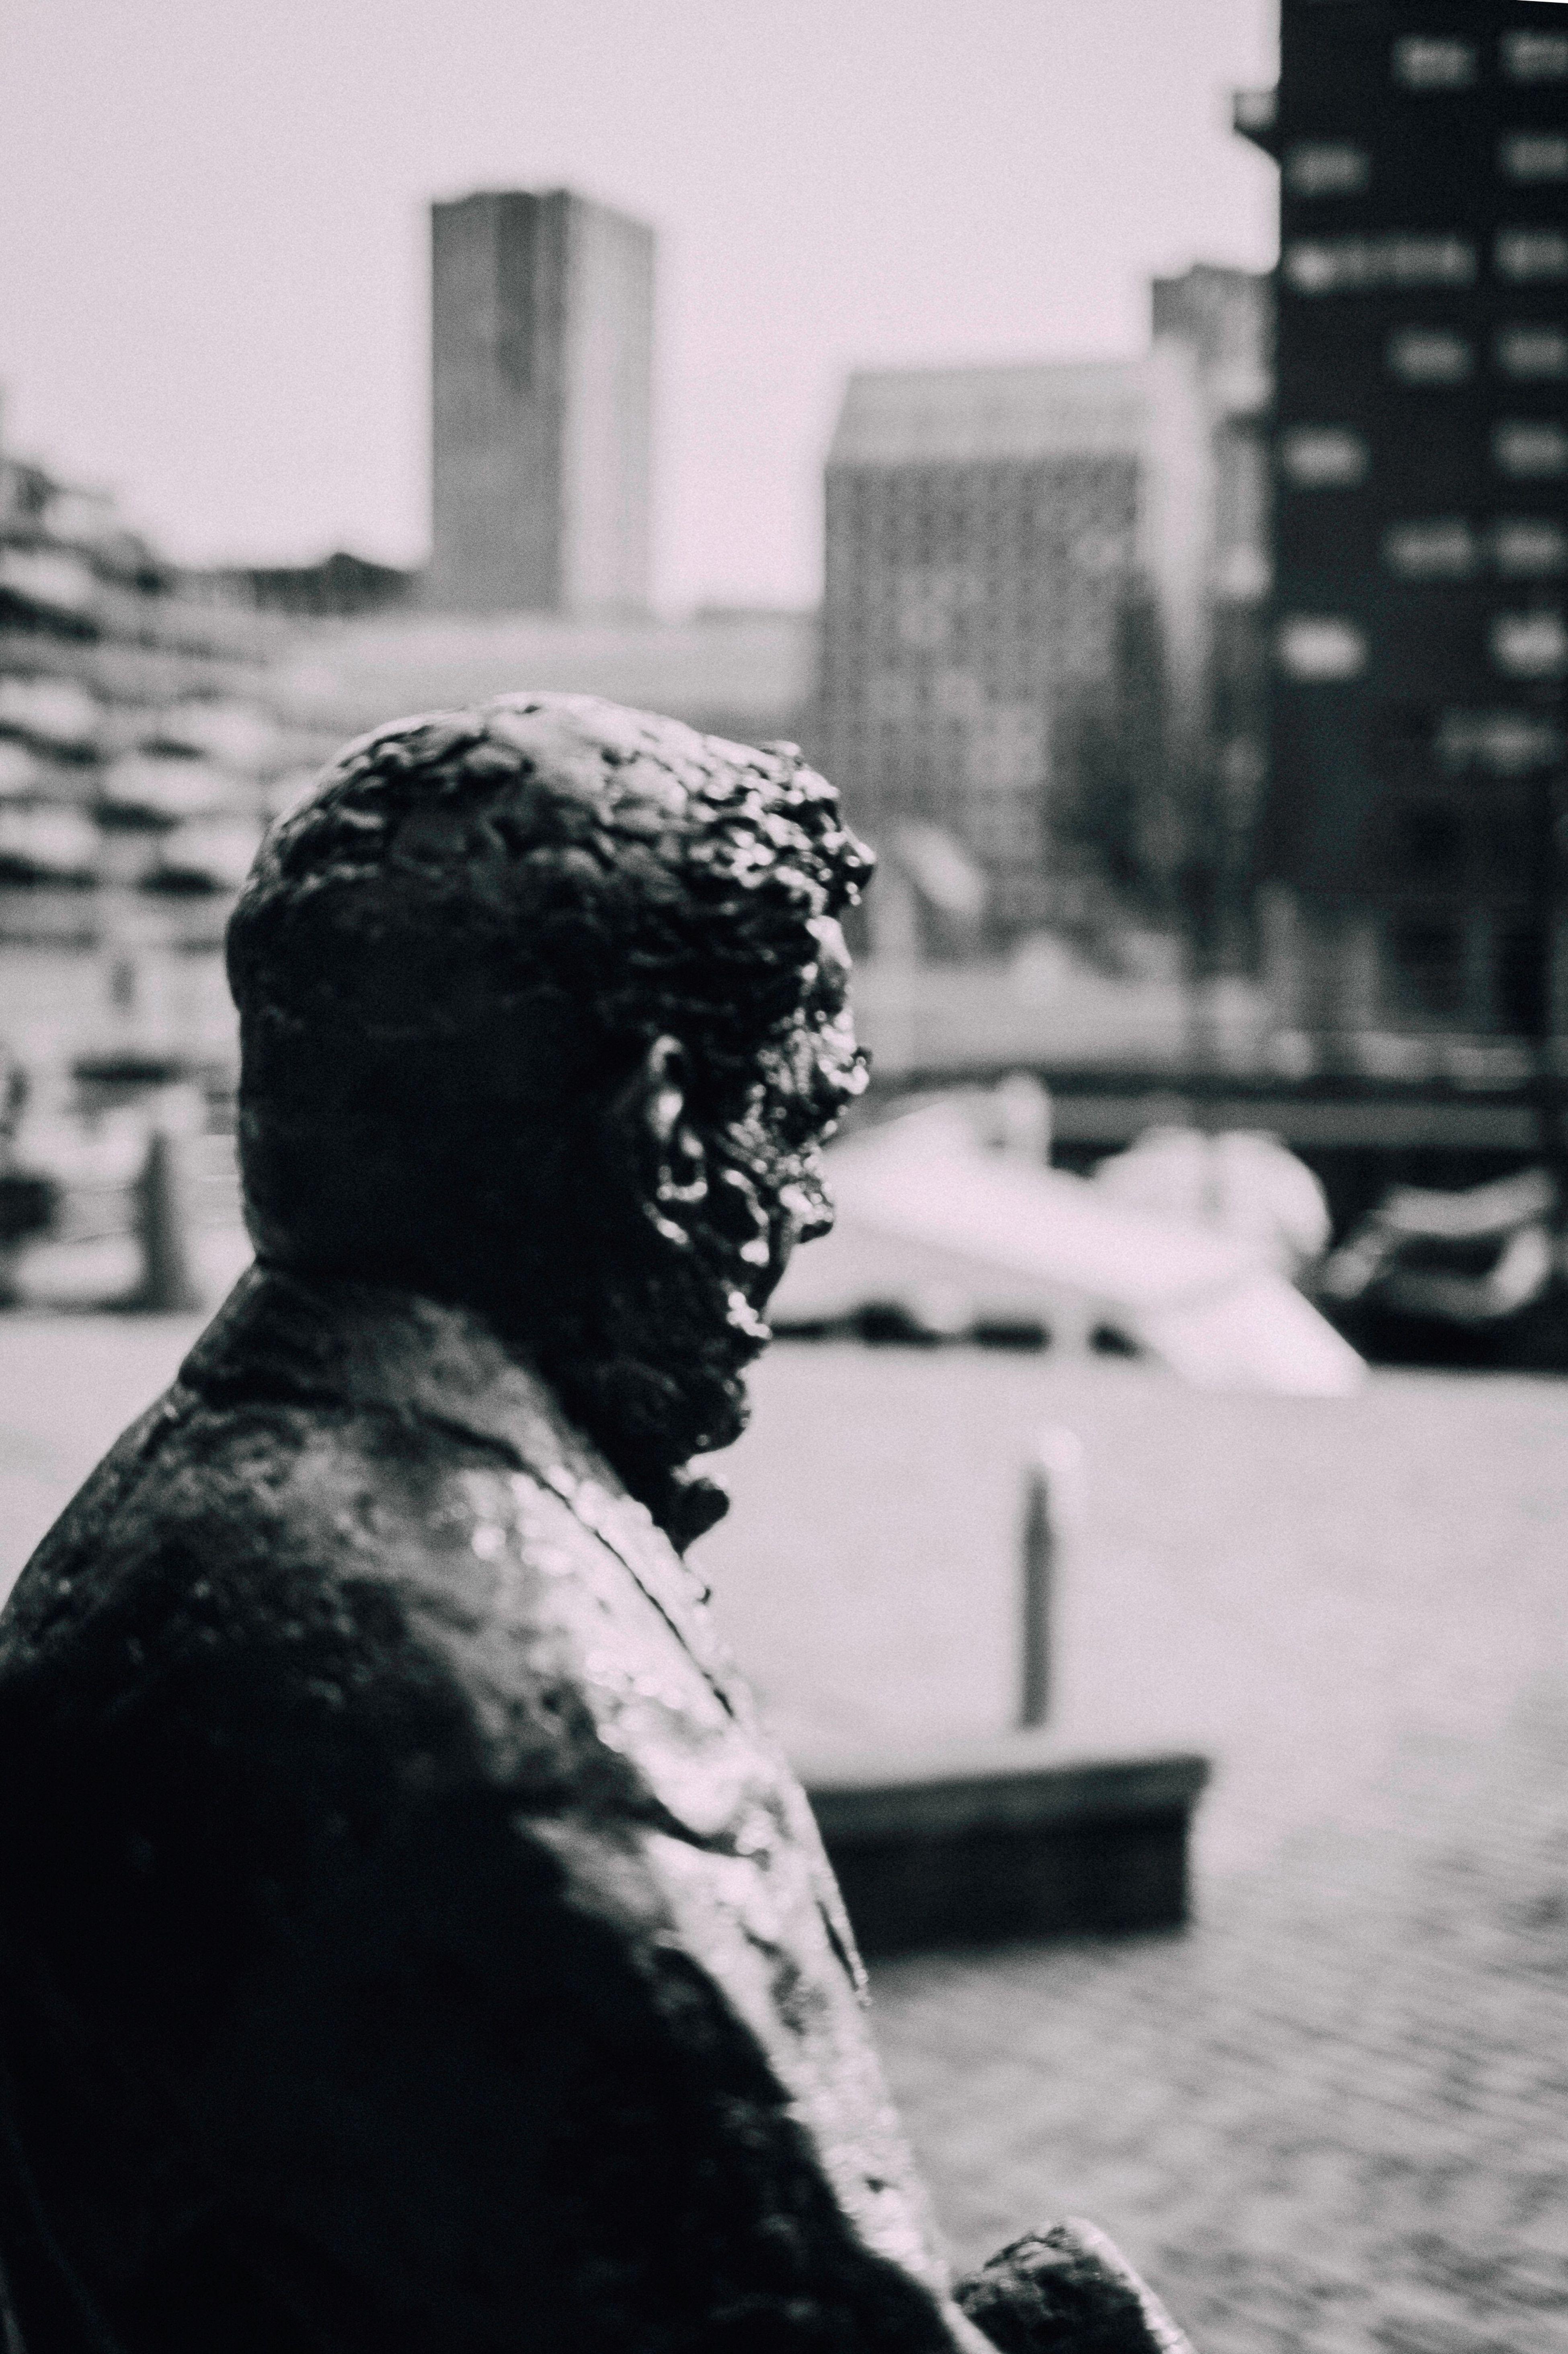 Battle Of The Cities Statue Natural Light Portrait Lodewijk Pincoffs Blackandwhite